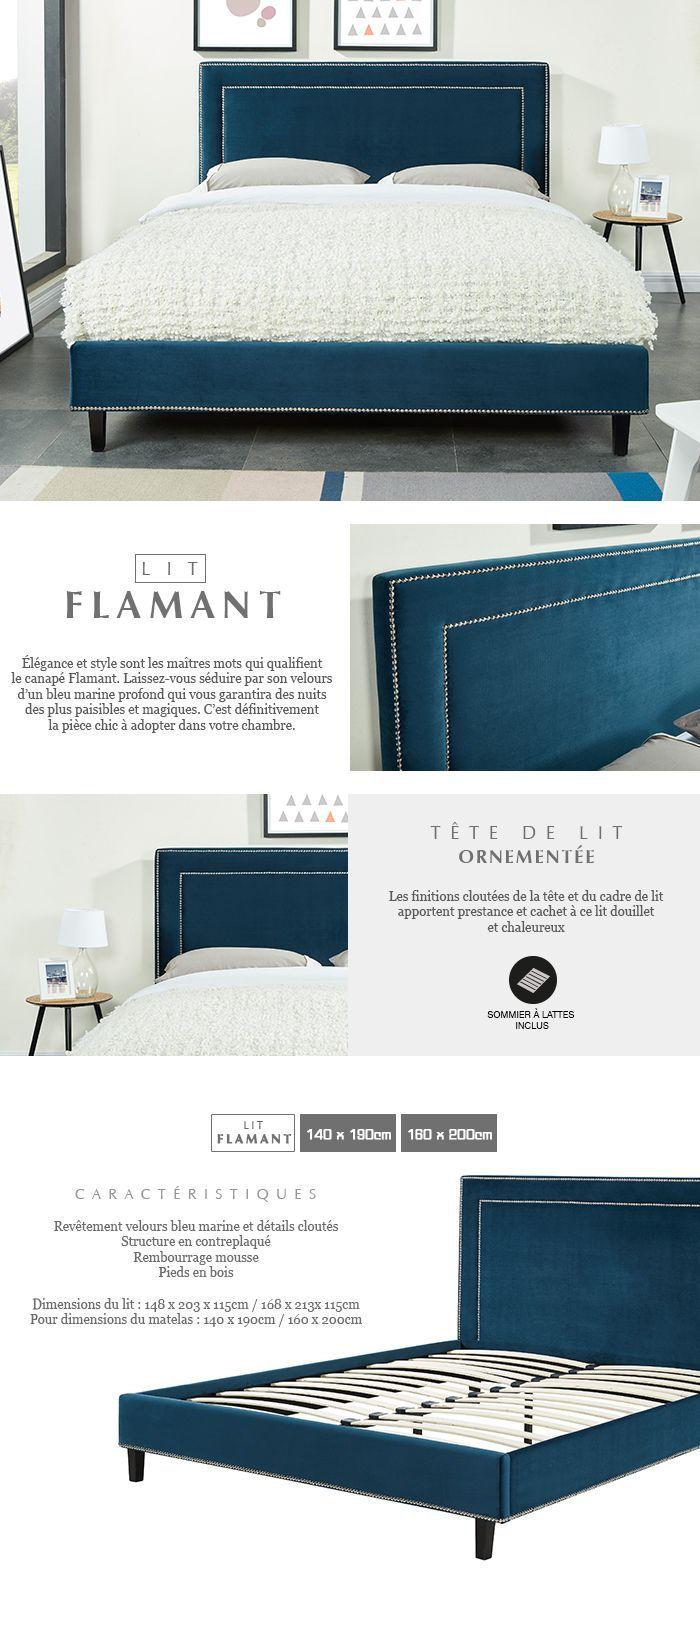 Flamant Lit Adulte Sommier Classique En Bois Velours Cloute Bleu Canard L 140 X L 190 Cm